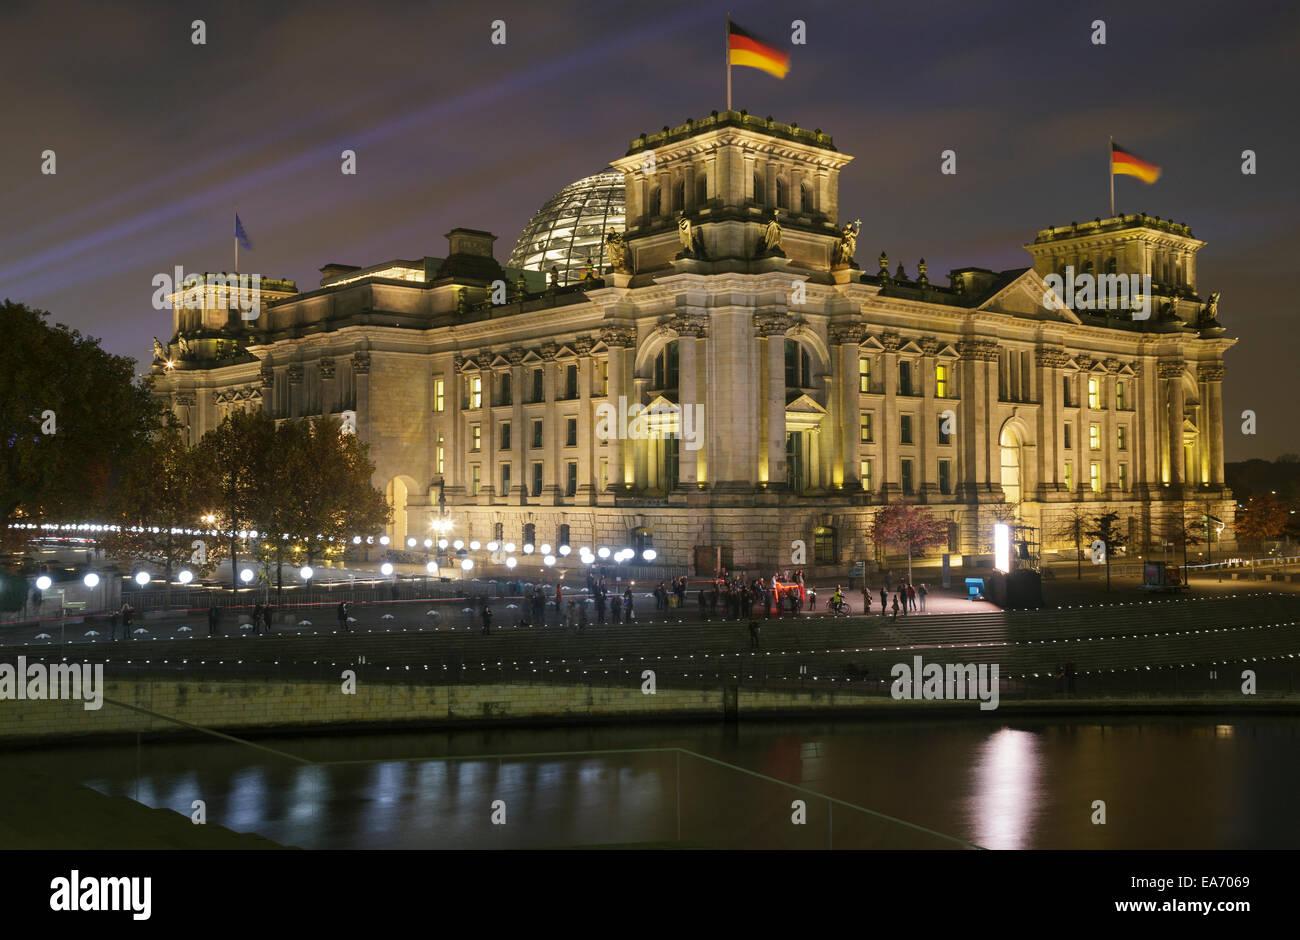 Berlino, Germania. 7 Novembre, 2014. Xxv anniversario della caduta del muro di Berlino, Berlino, Germania. Il confine Immagini Stock